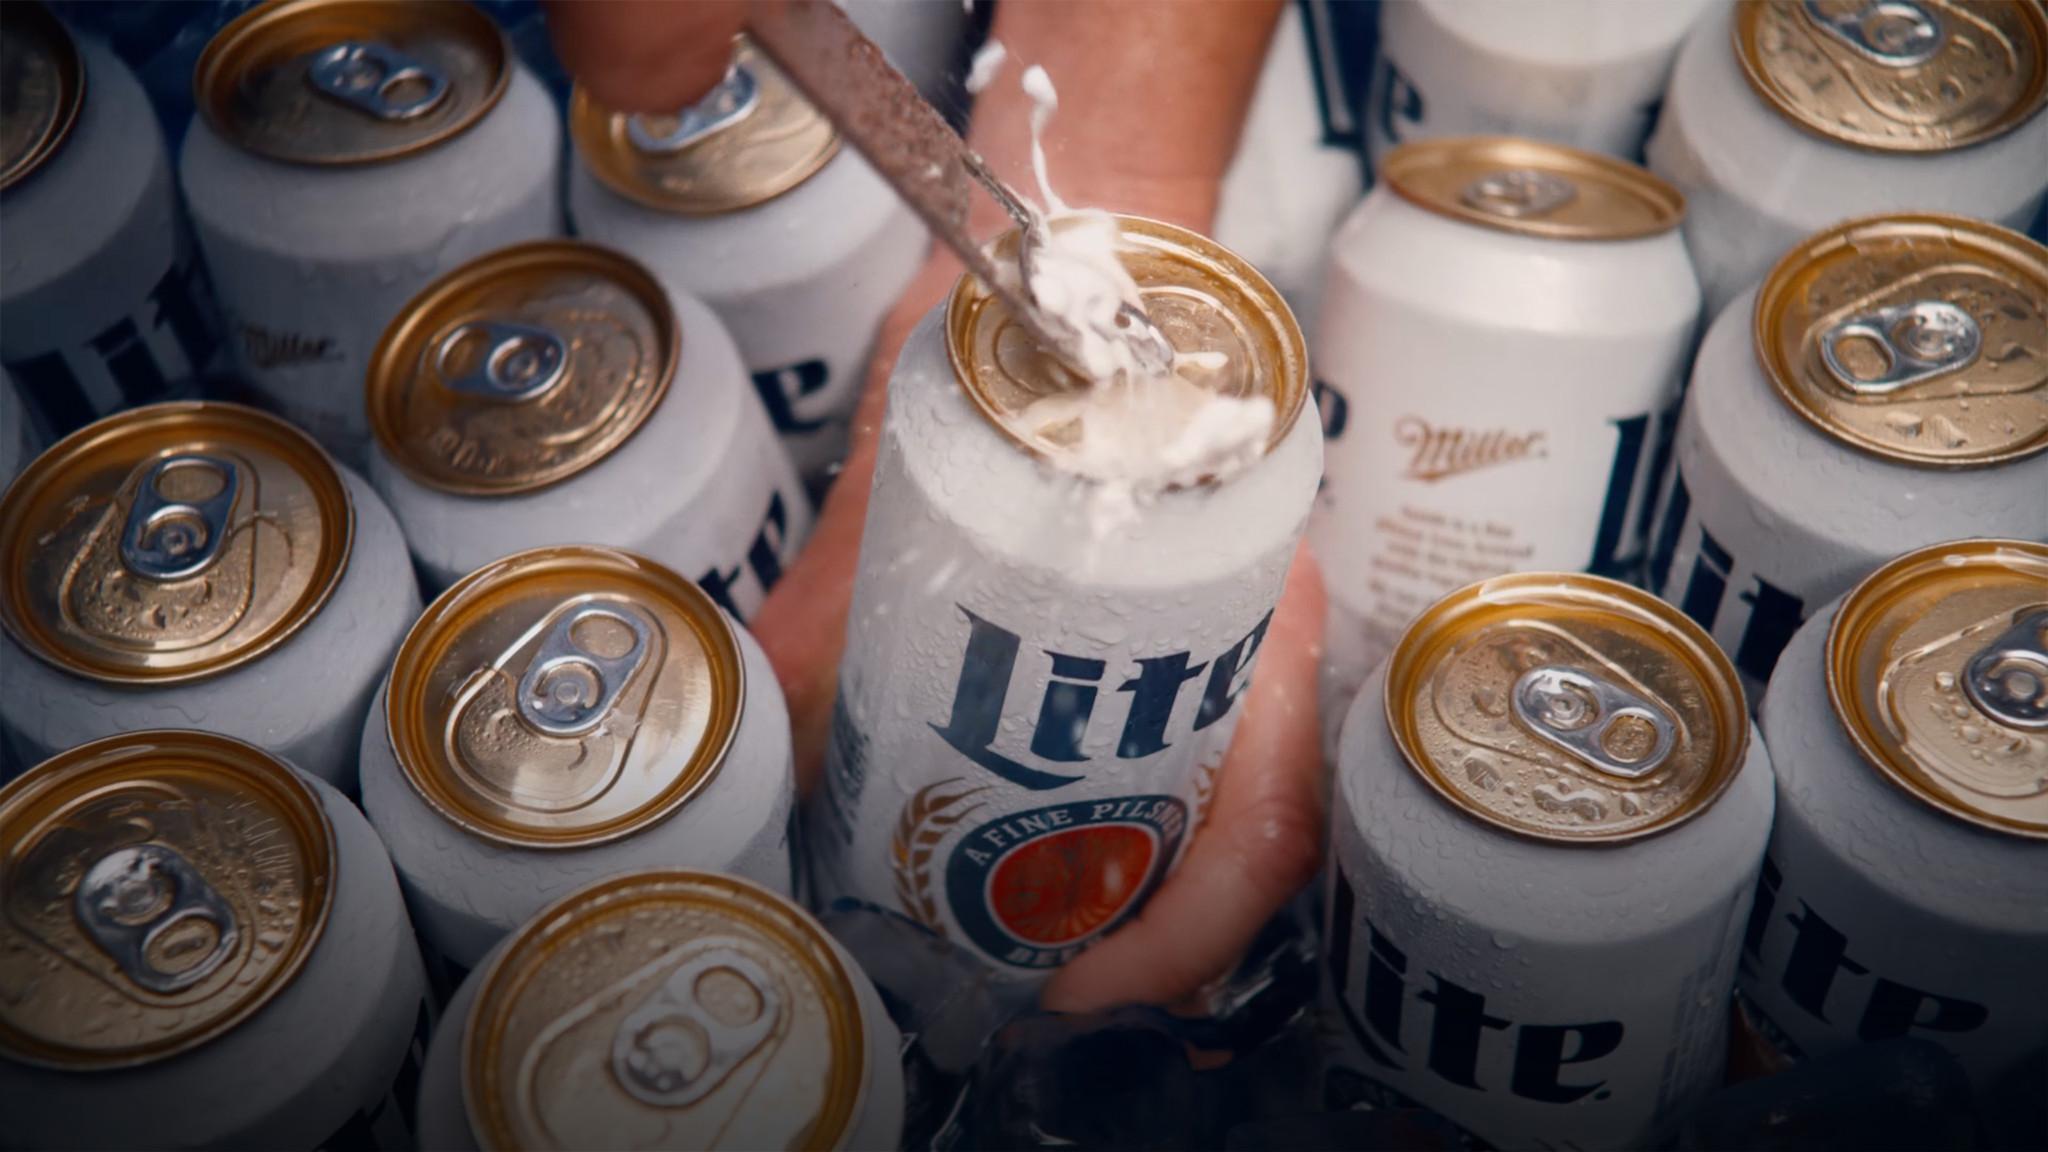 Miller Beer wallpapers - HD wallpaper